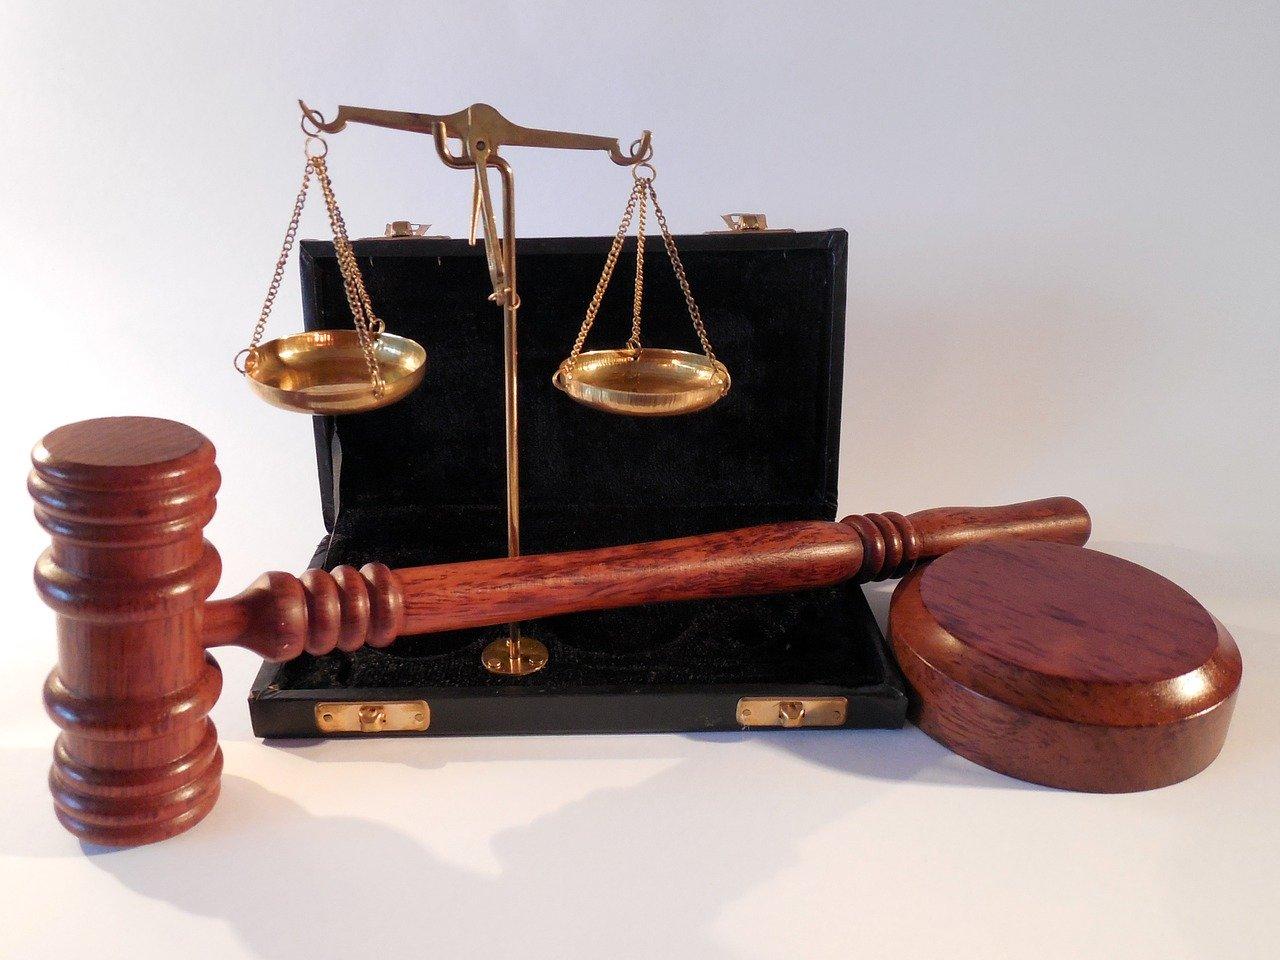 Perquisizione minorenni quando scatta, chi rischia e cosa dice la legge